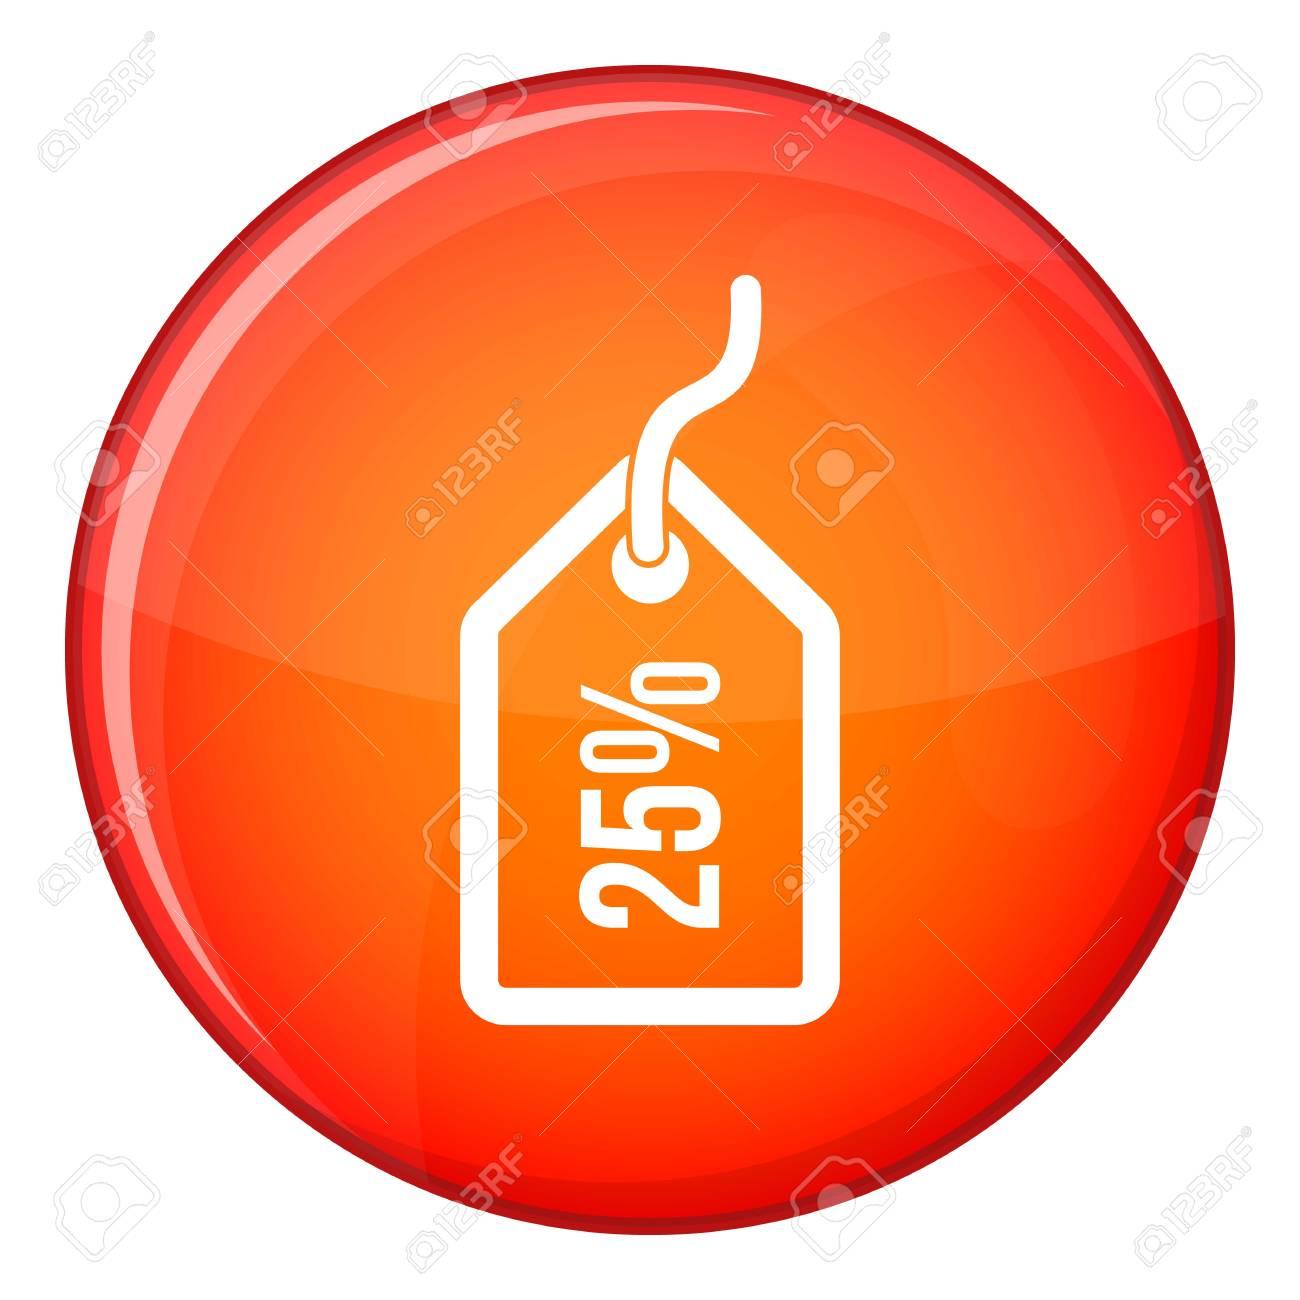 77a345214 Etiqueta con 25 icono de descuento en el círculo rojo aislado en la  ilustración de vector